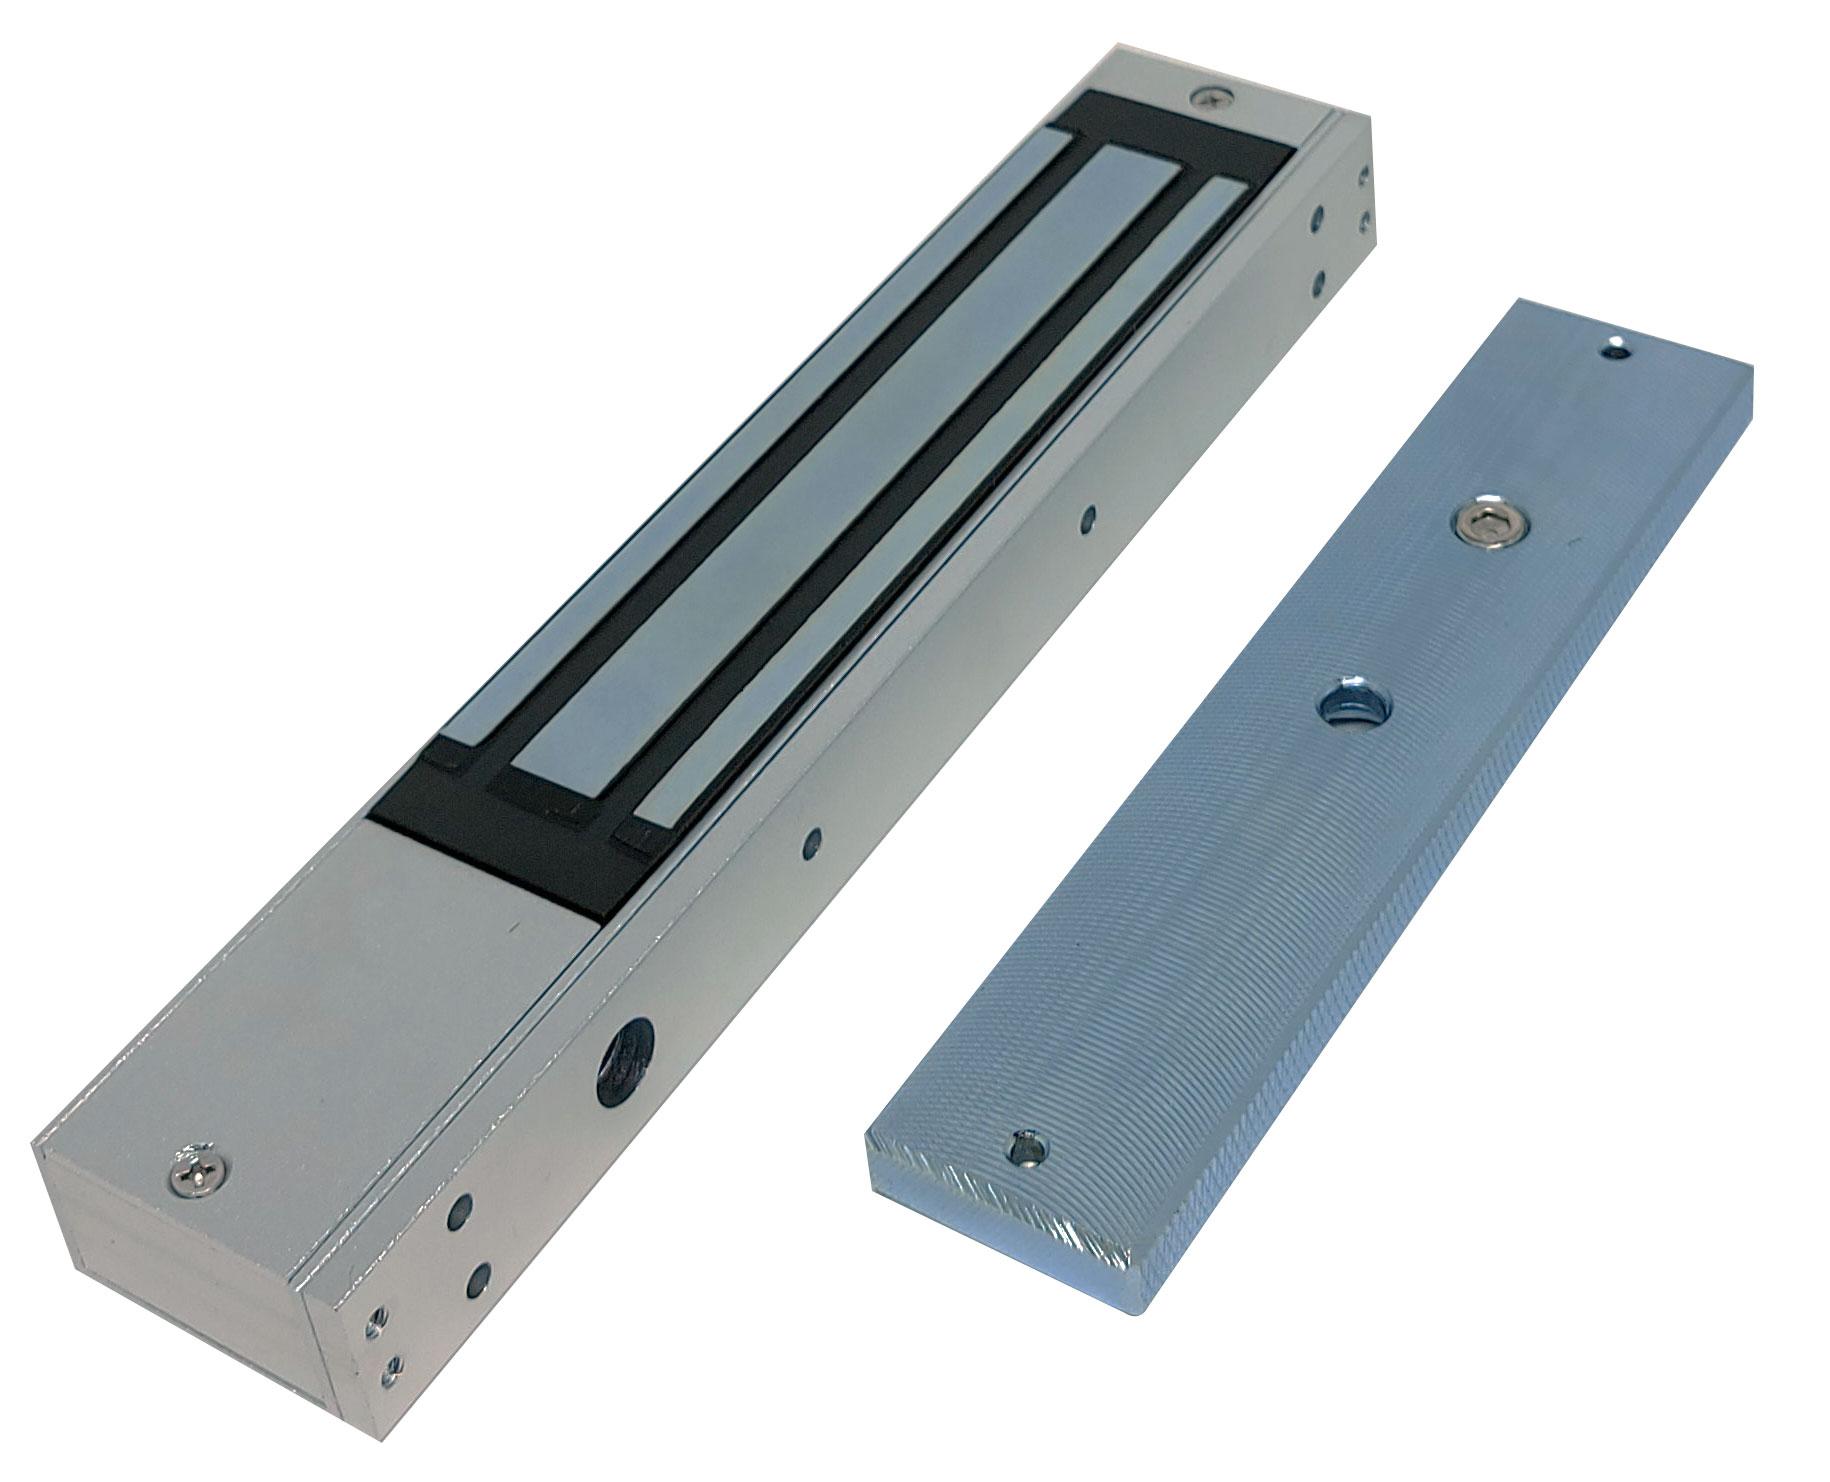 Fecho Eletro - Magnético com capacidade até 280KG - 20532